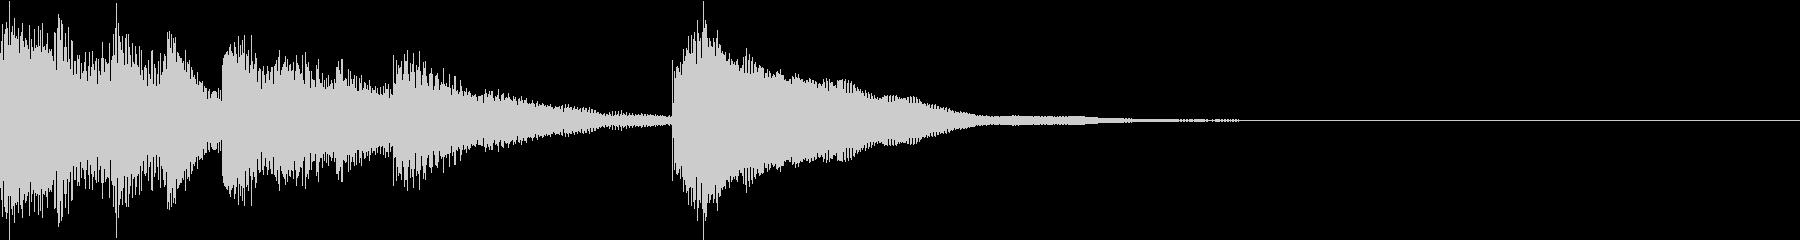 ジングル 明るい 爽やかな鉄琴の未再生の波形